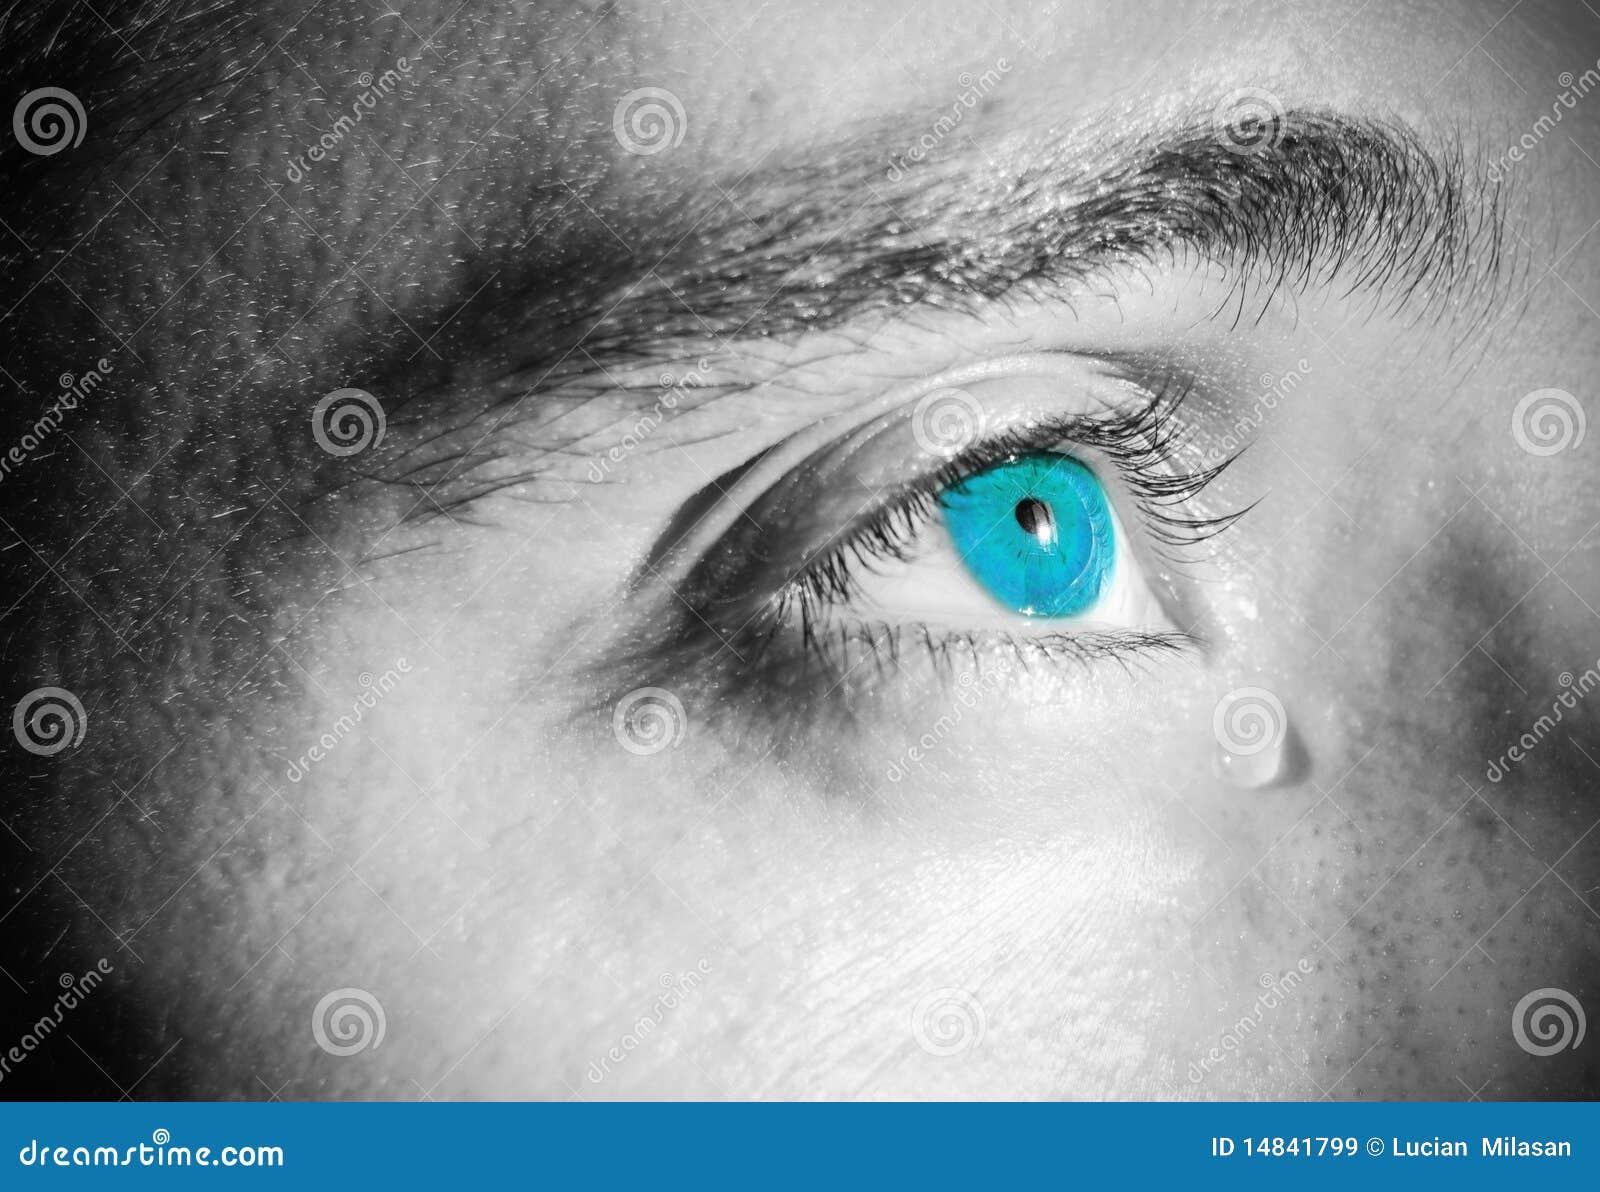 sad face stock image image of mourning tearful monochrome 14841799